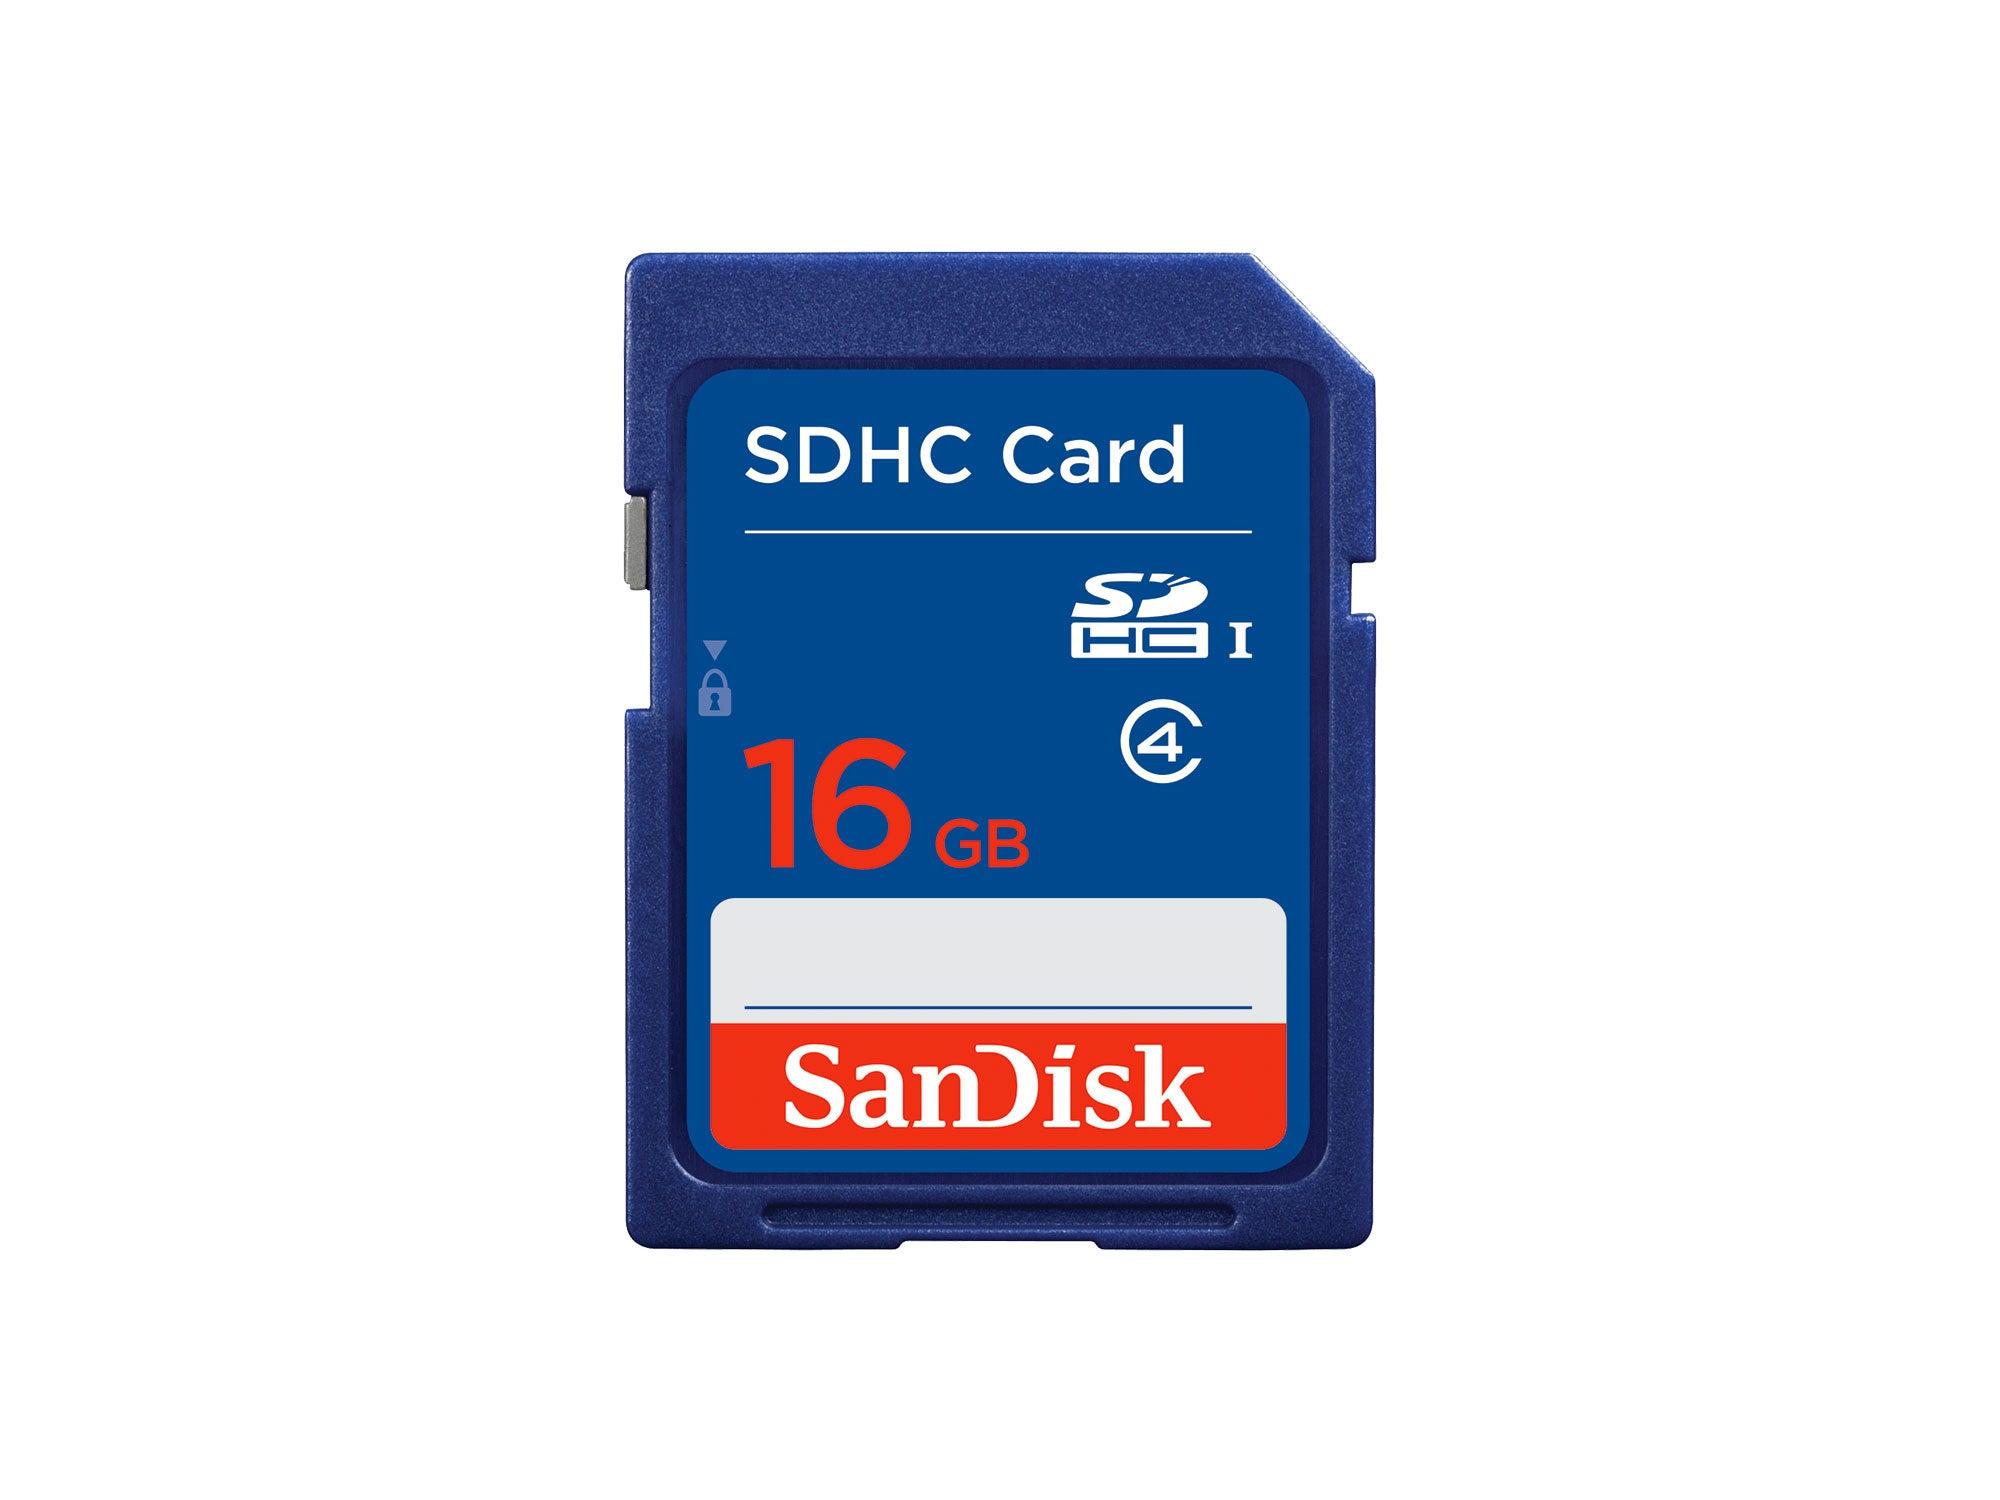 16 GB SD card